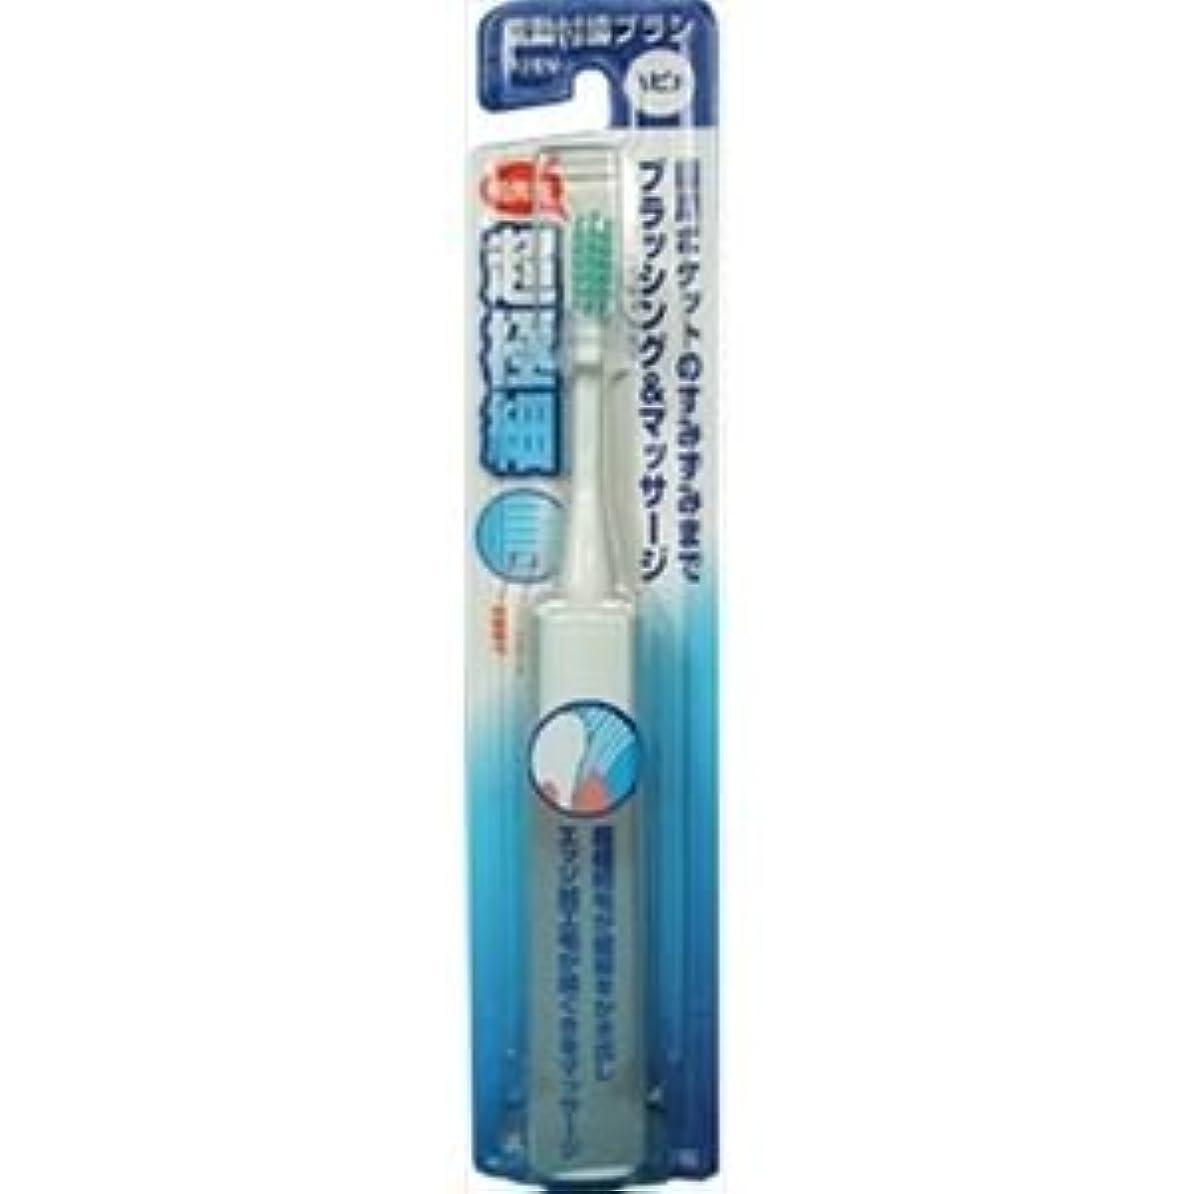 間違いなく非常に怒っています害(まとめ)ミニマムハピカ電動歯ブラシ超極細DBF-1W 【×3点セット】